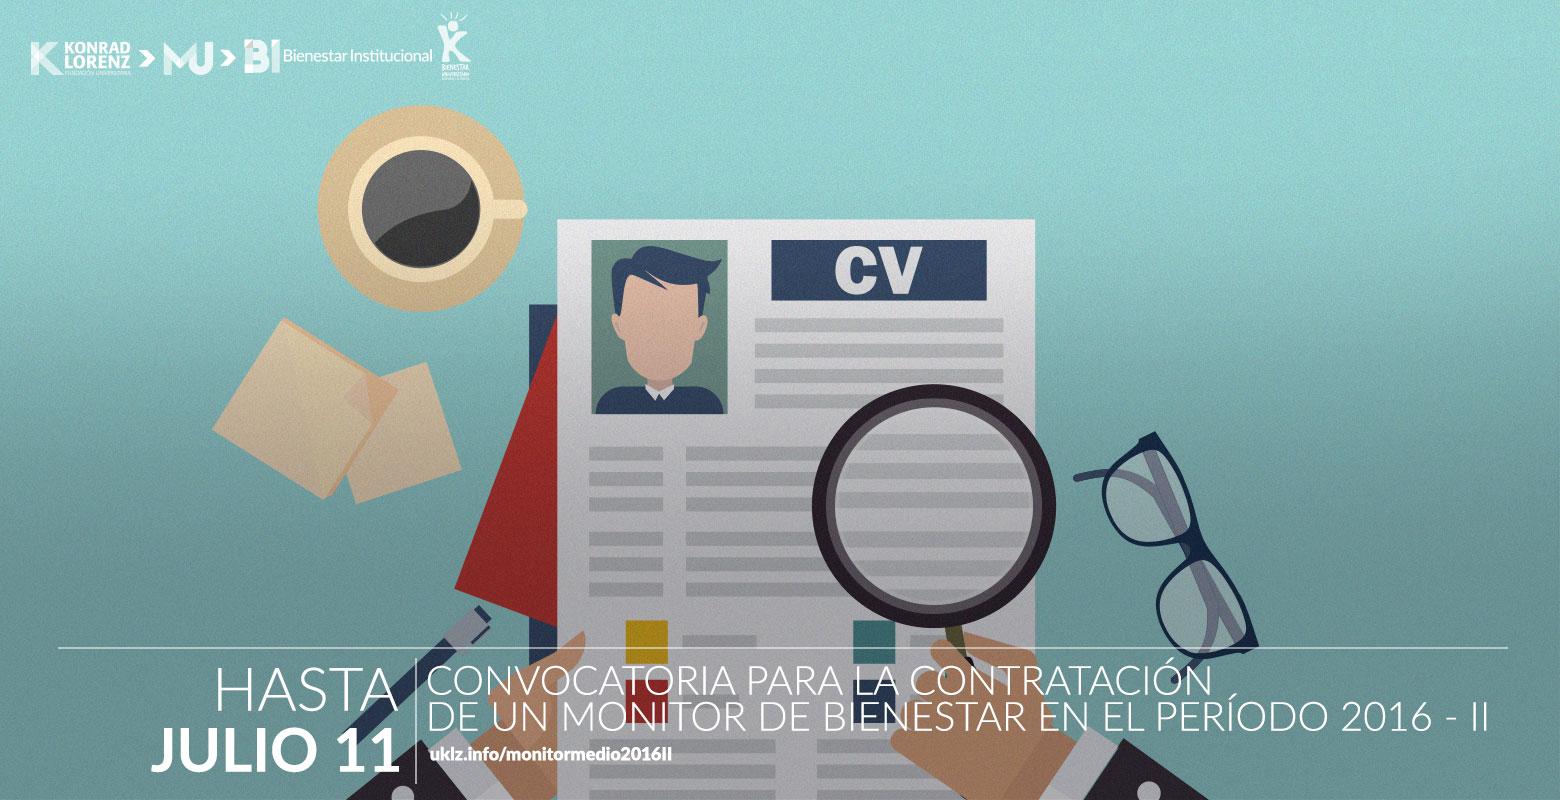 Convocatoria para la contratación de un Monitor de Bienestar